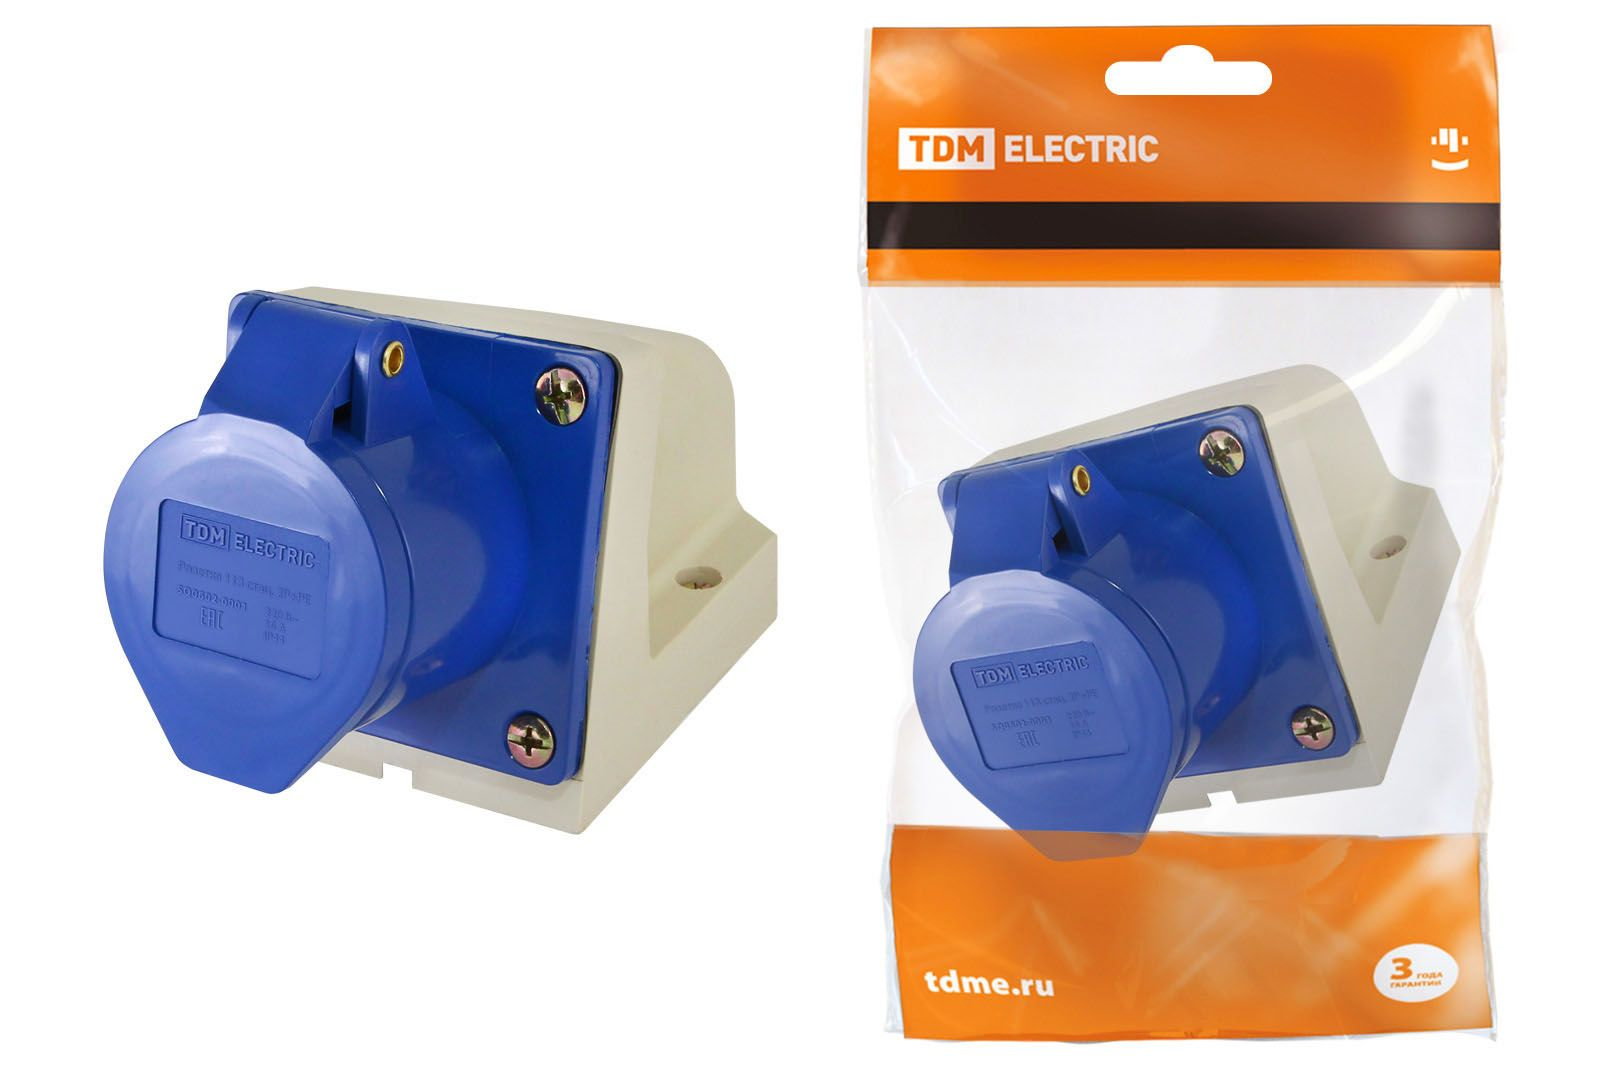 Купить Розетка для монтажа на поверхность 2P+E 16A IP44 TDM силовая стационарная, TDM ELECTRIC